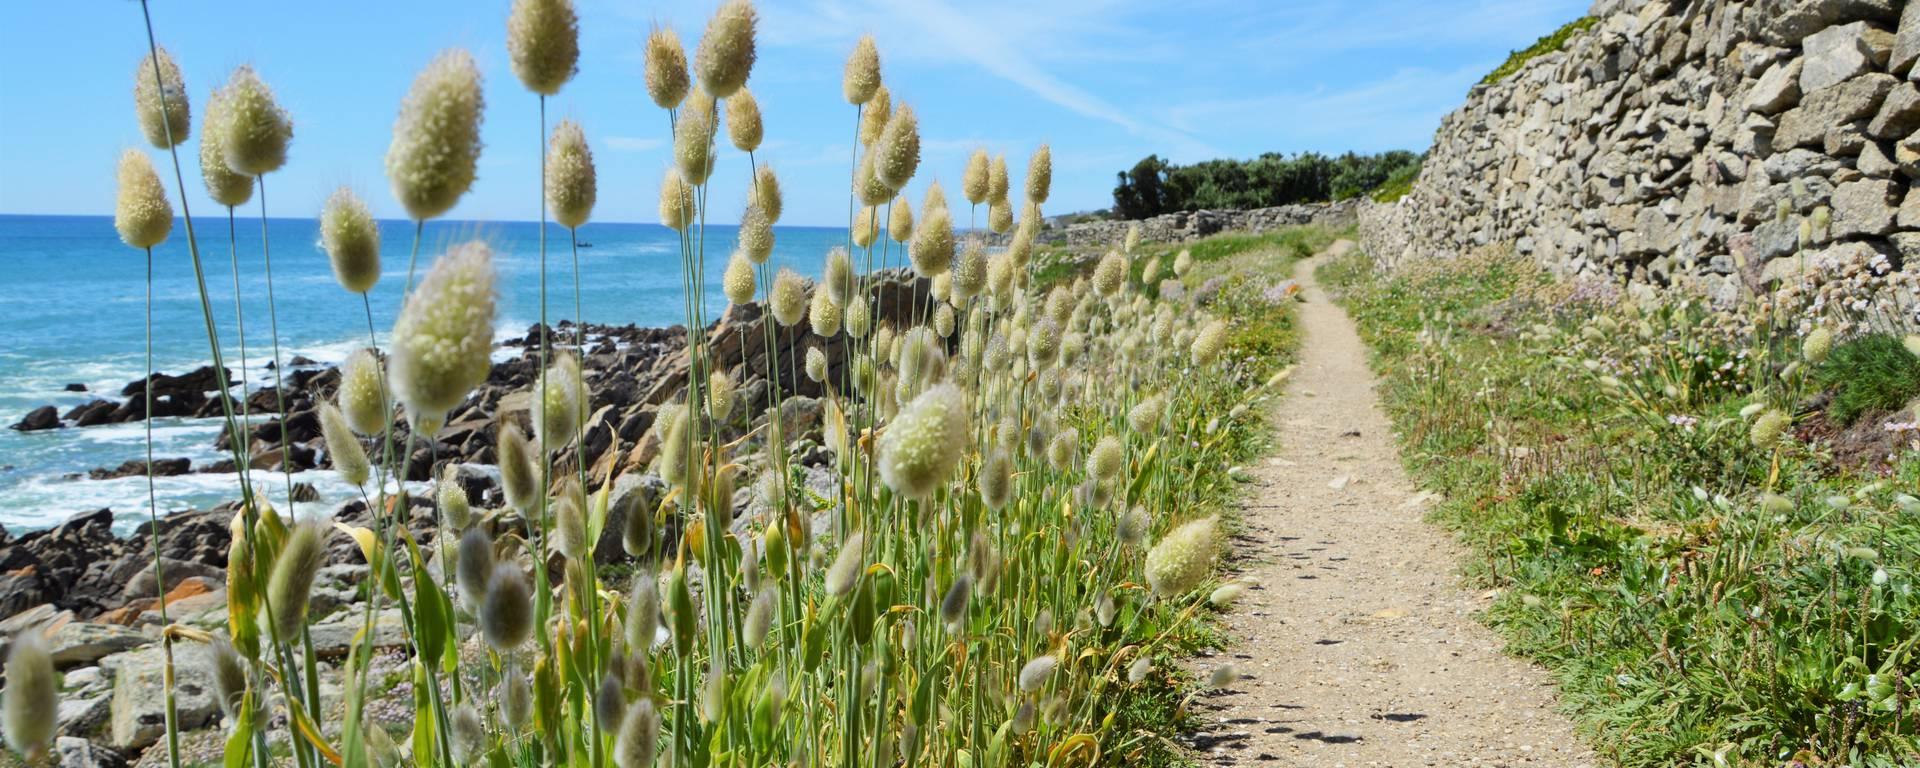 Sentier littoral Plozévet - ©M.Hamel